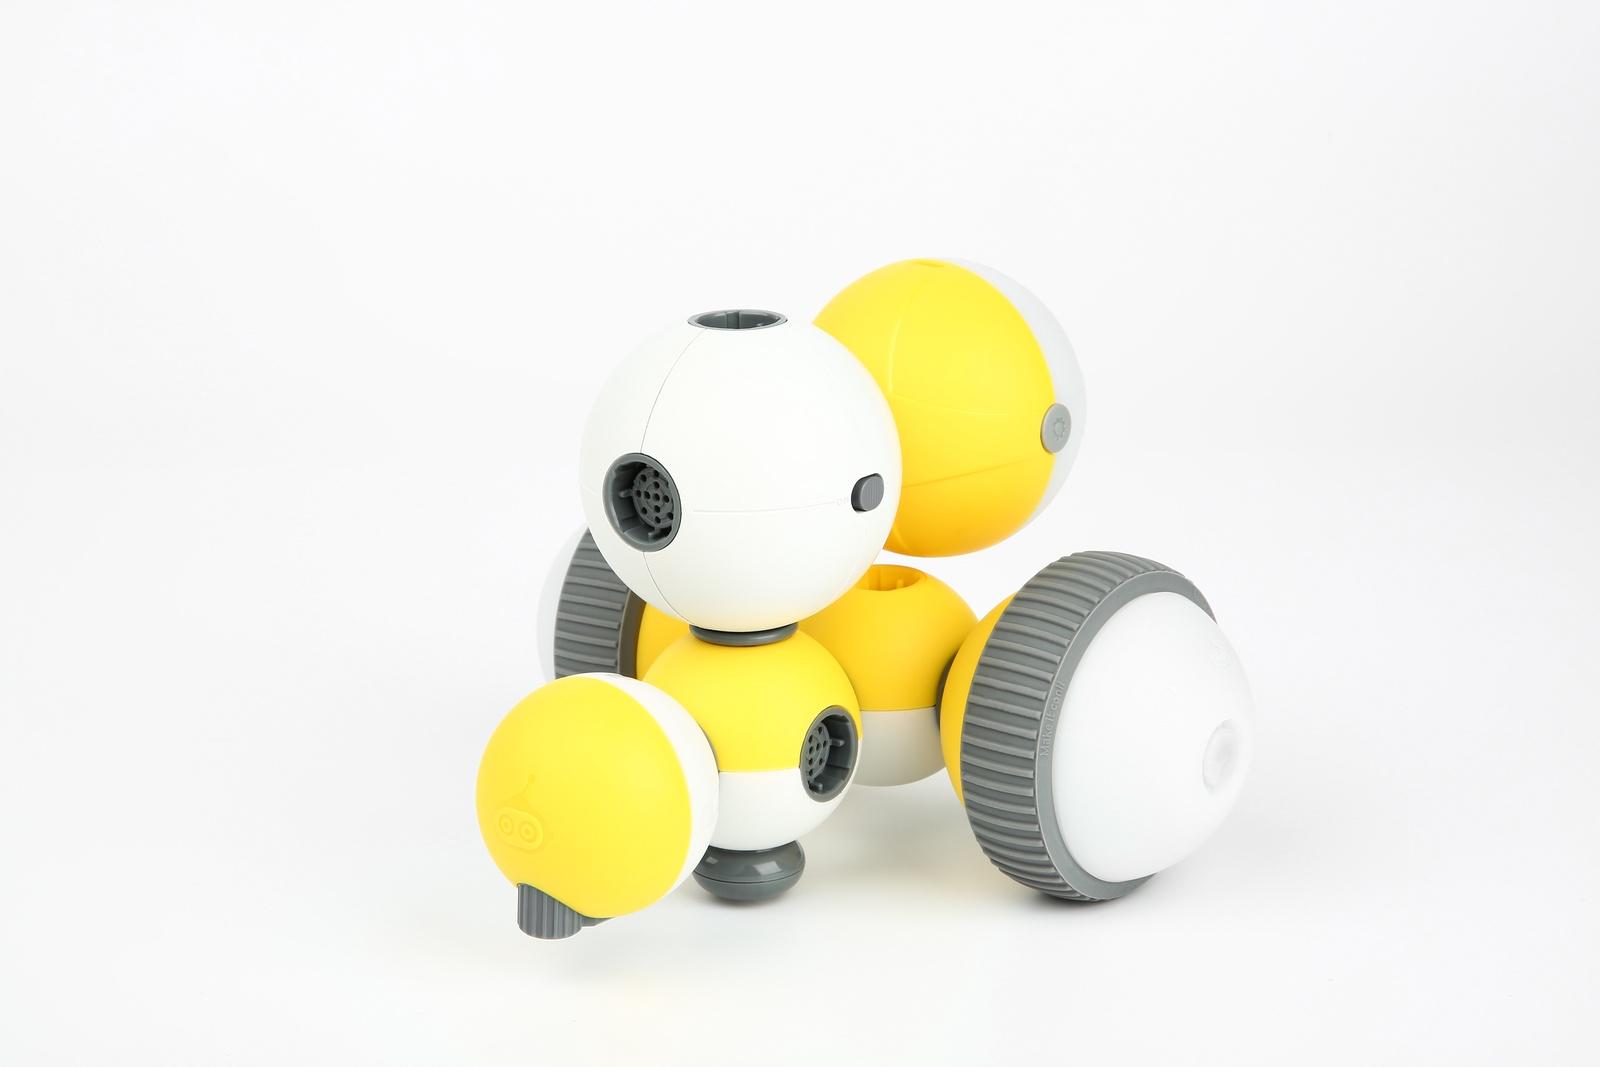 Программируемый робот Bell Robot Детский конструктор-робот Mabot A, желтый, белый Бесконечные возможности и веселье!Потрясающая игрушка для STEAM...